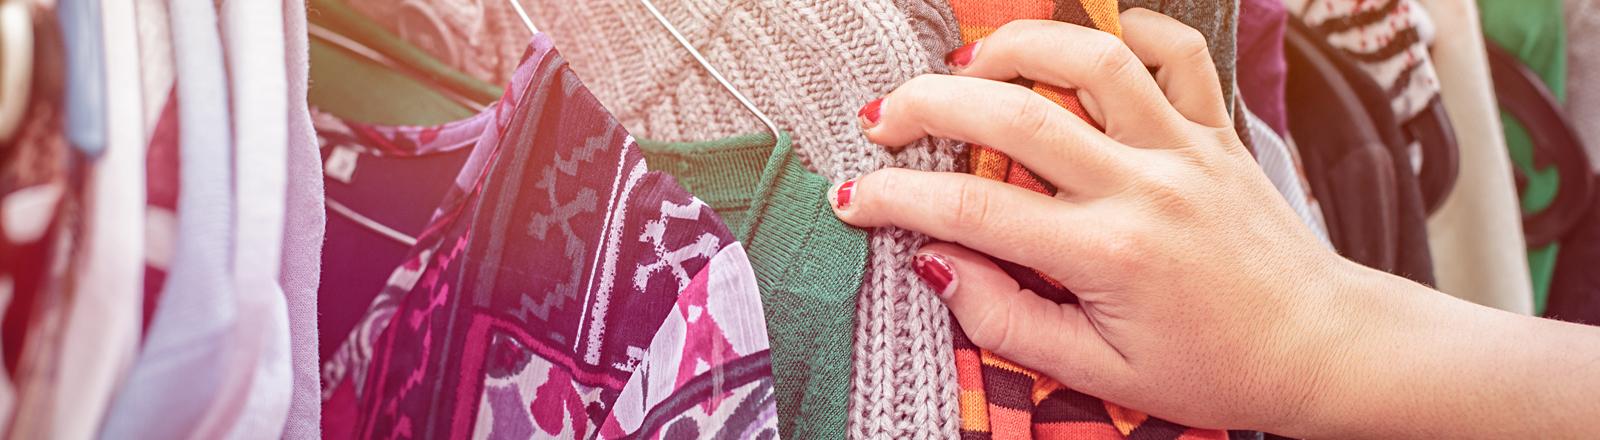 Kleiderschrank: Hände ziehen Klamotten auf Kleiderbügeln heraus.